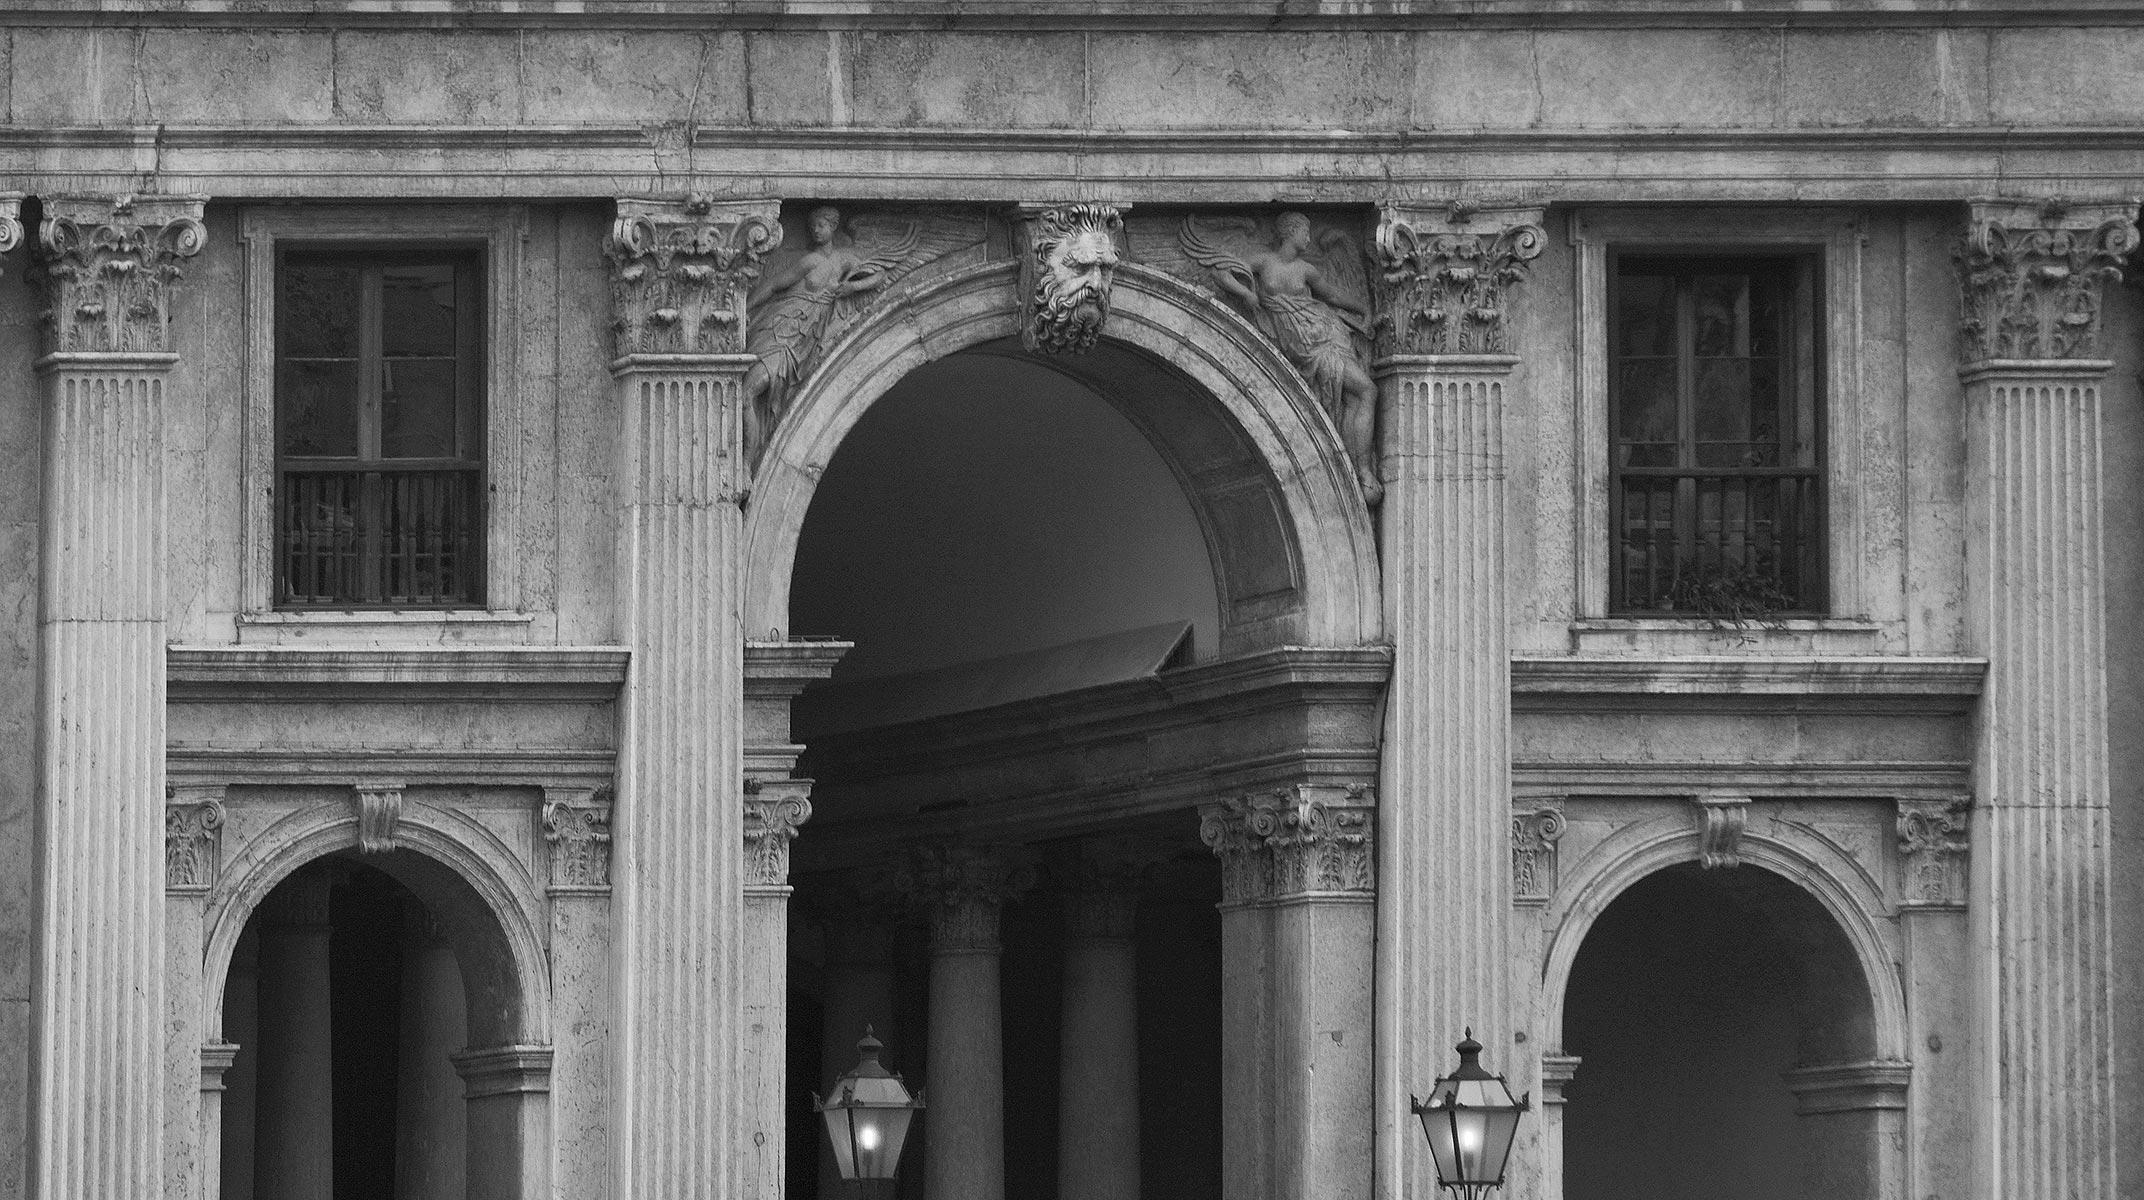 Palazzo Grimani di San Luca Palazzo Grimani a San Luca